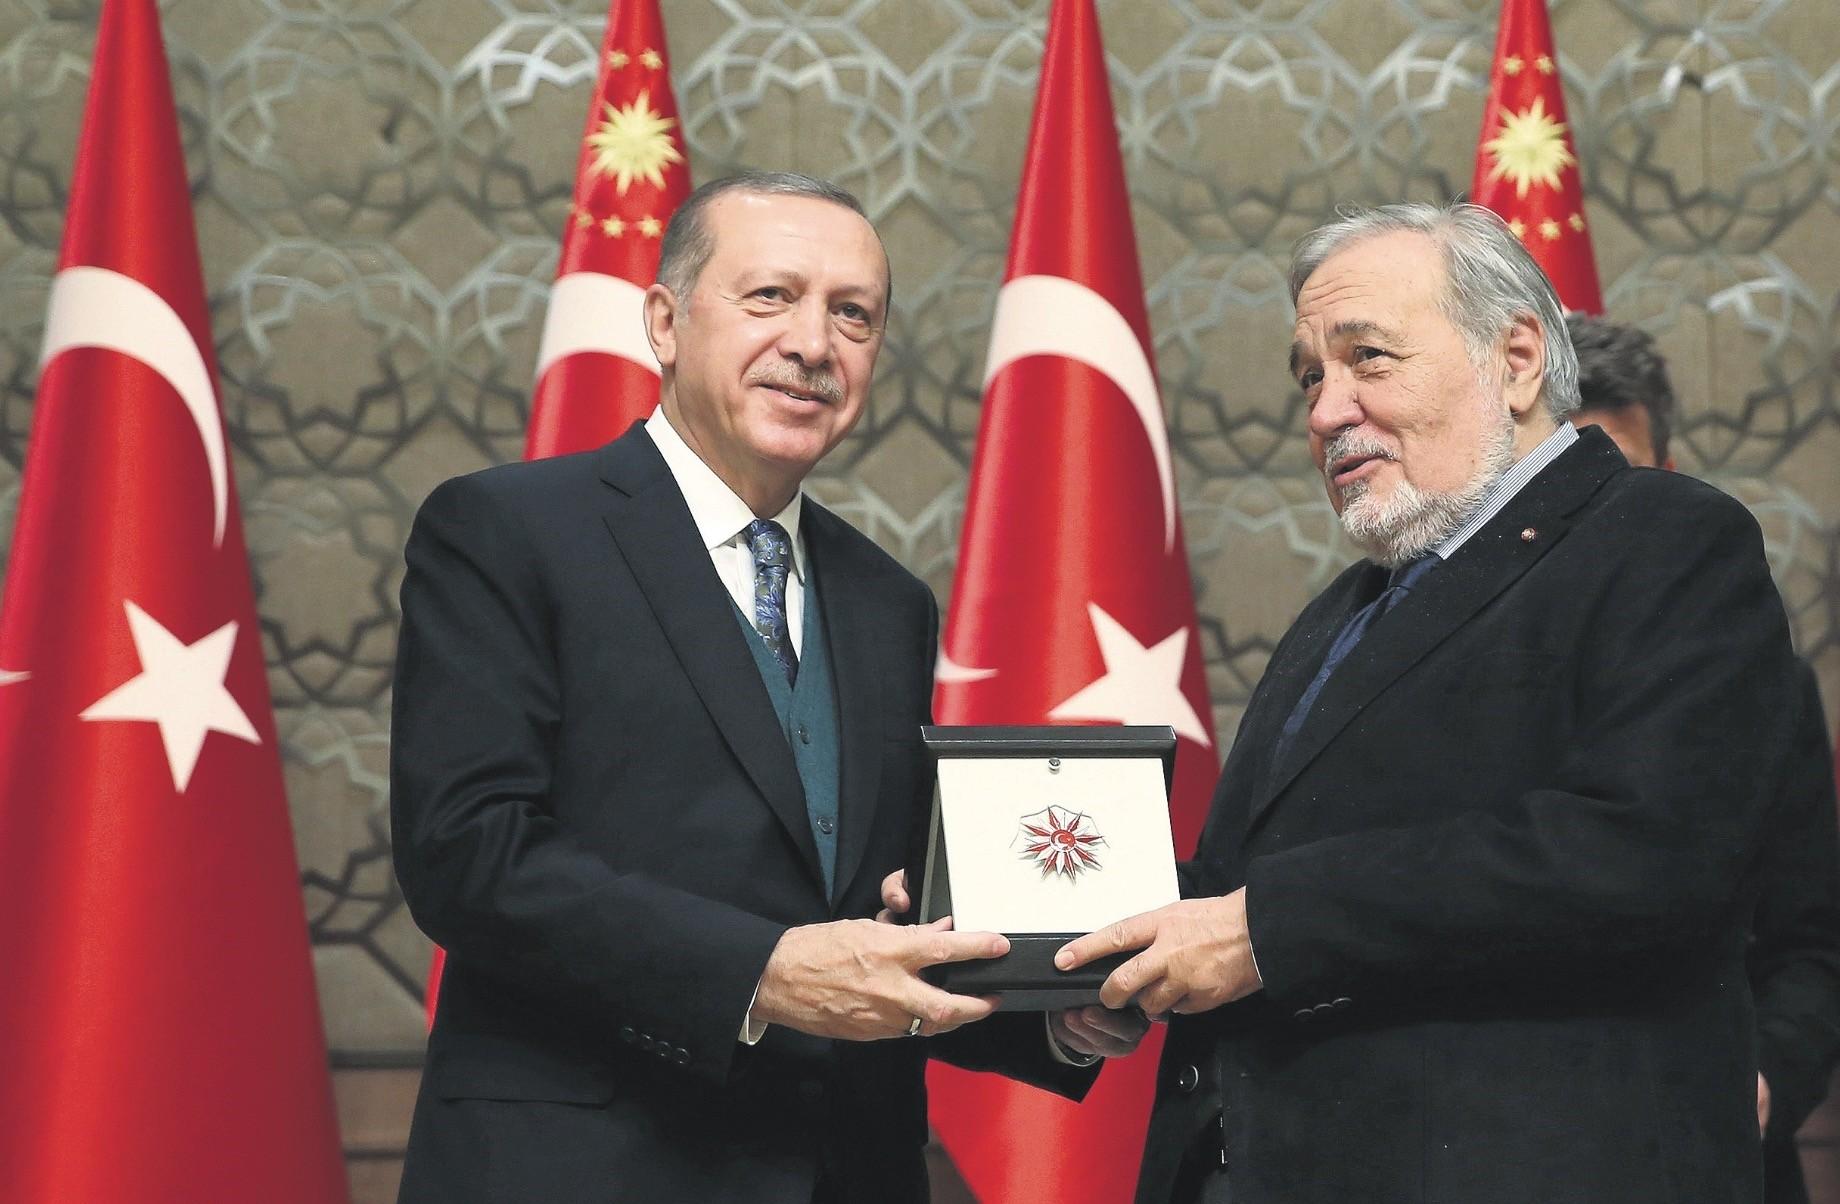 Professor u0130lber Ortaylu0131 (R) with President Recep Tayyip Erdou011fan